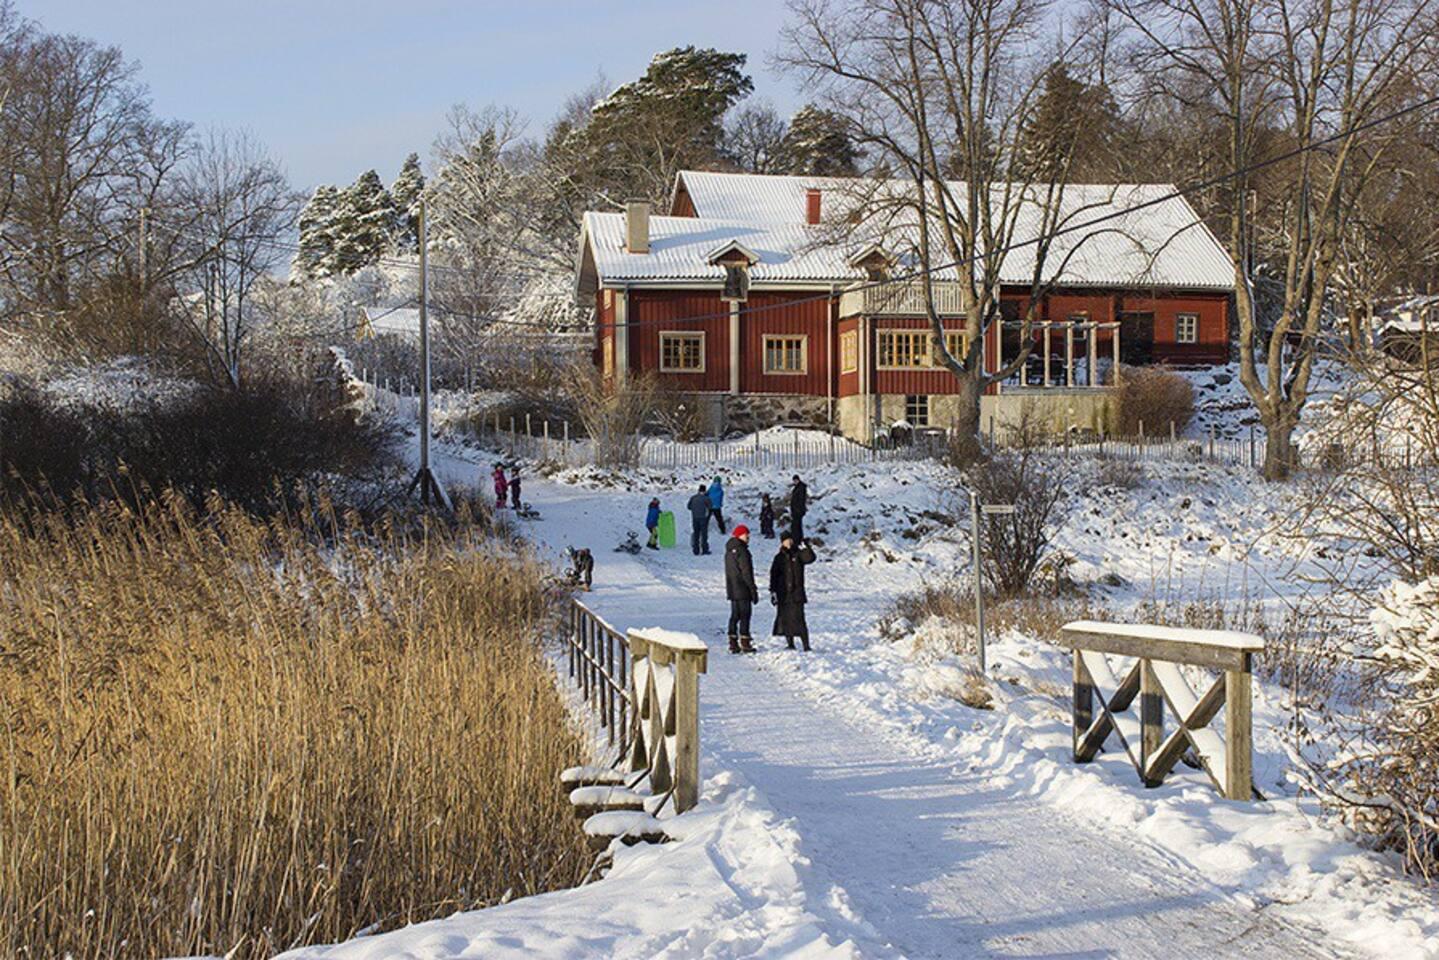 Winter on Tranholmen